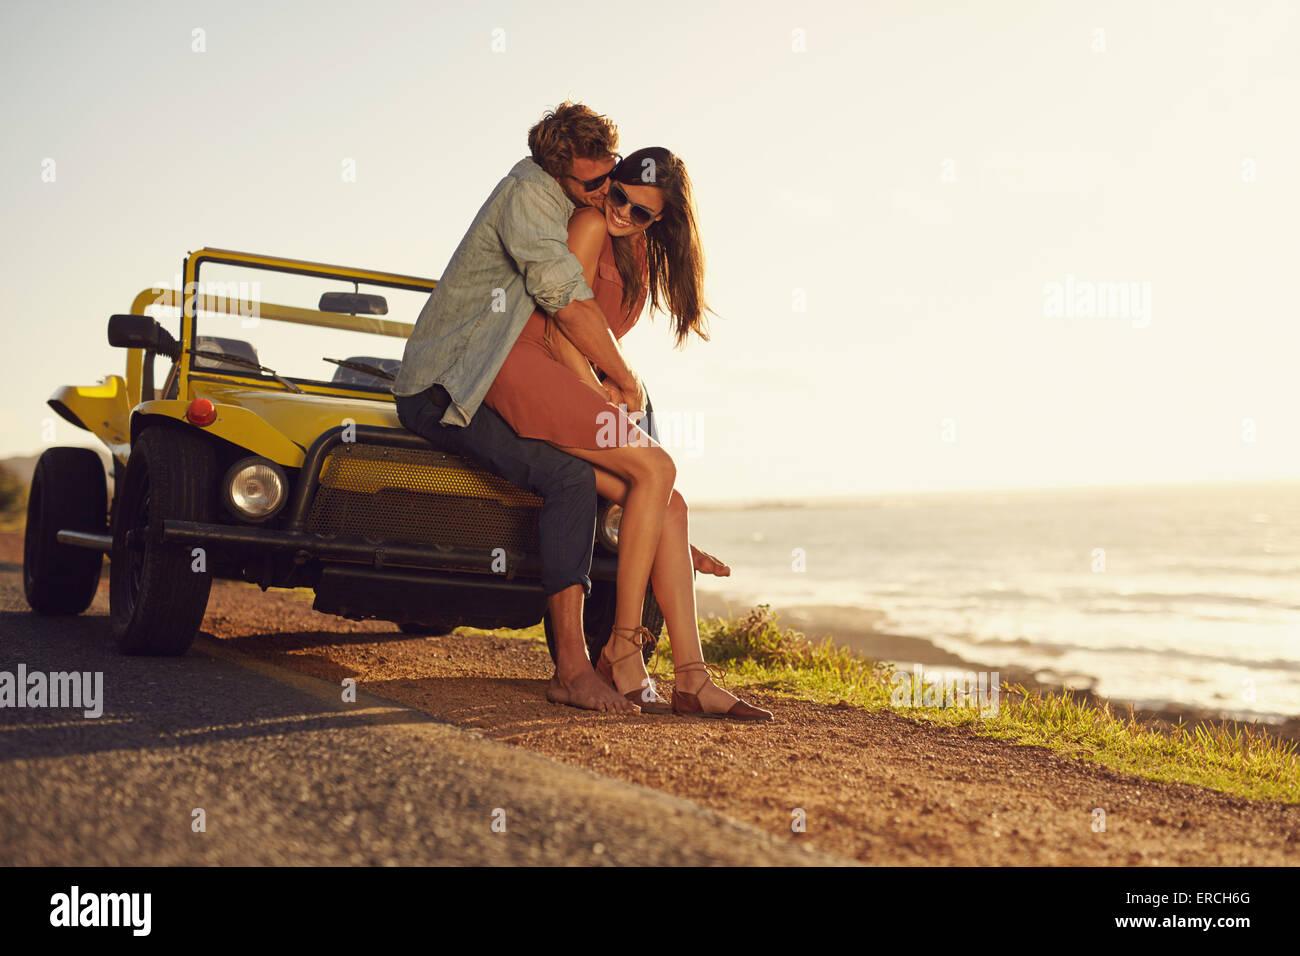 Romantische junge Paar gemeinsam einen besonderen Moment im Freien. Junges Paar in Liebe auf einem Roadtrip. Paar, Stockfoto